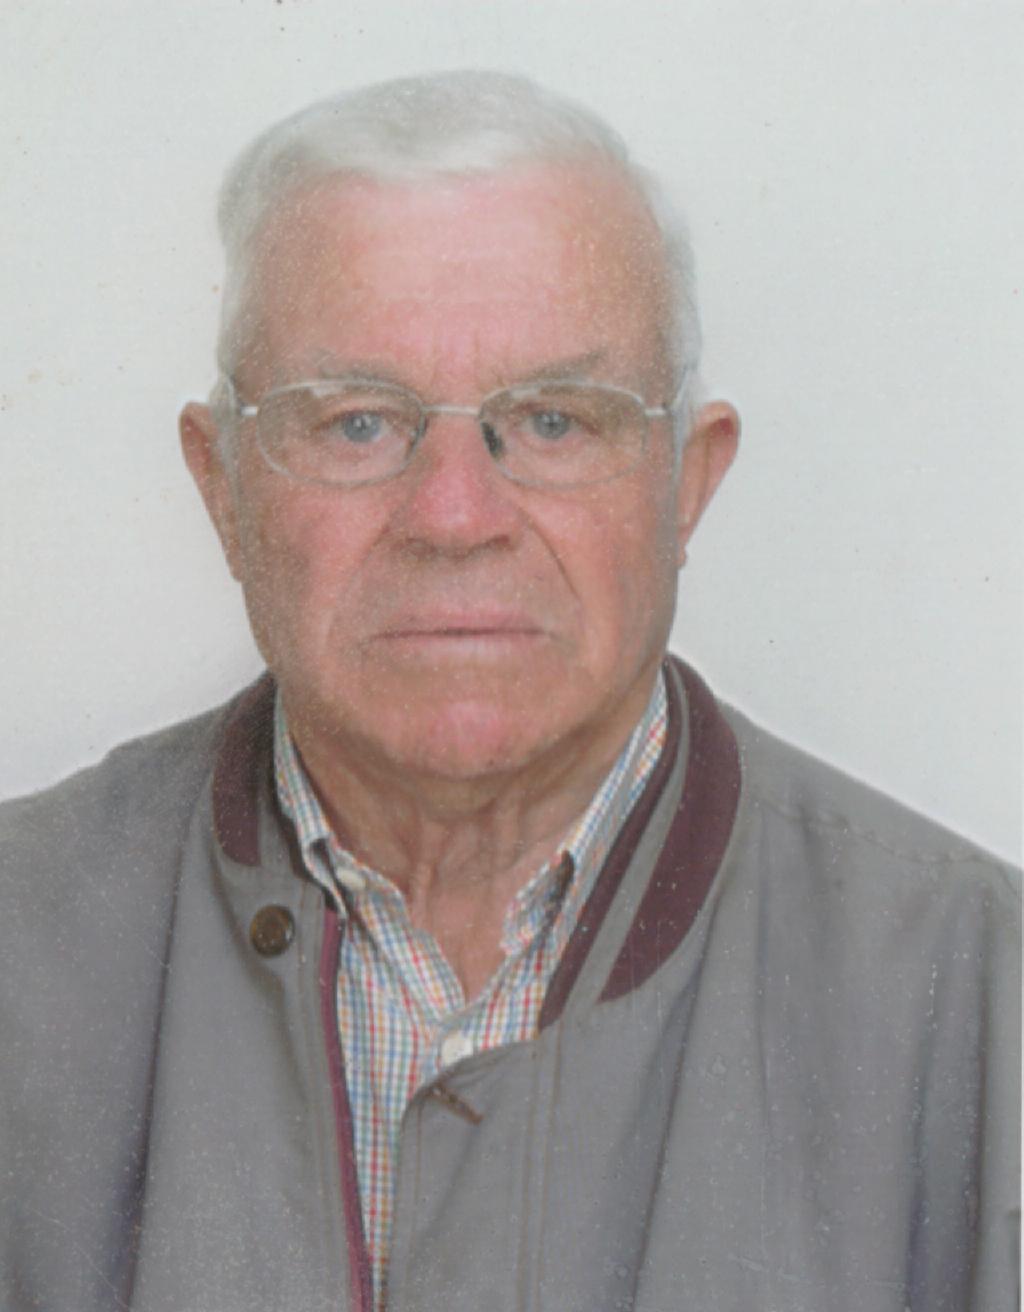 Joaquim Santos Pires